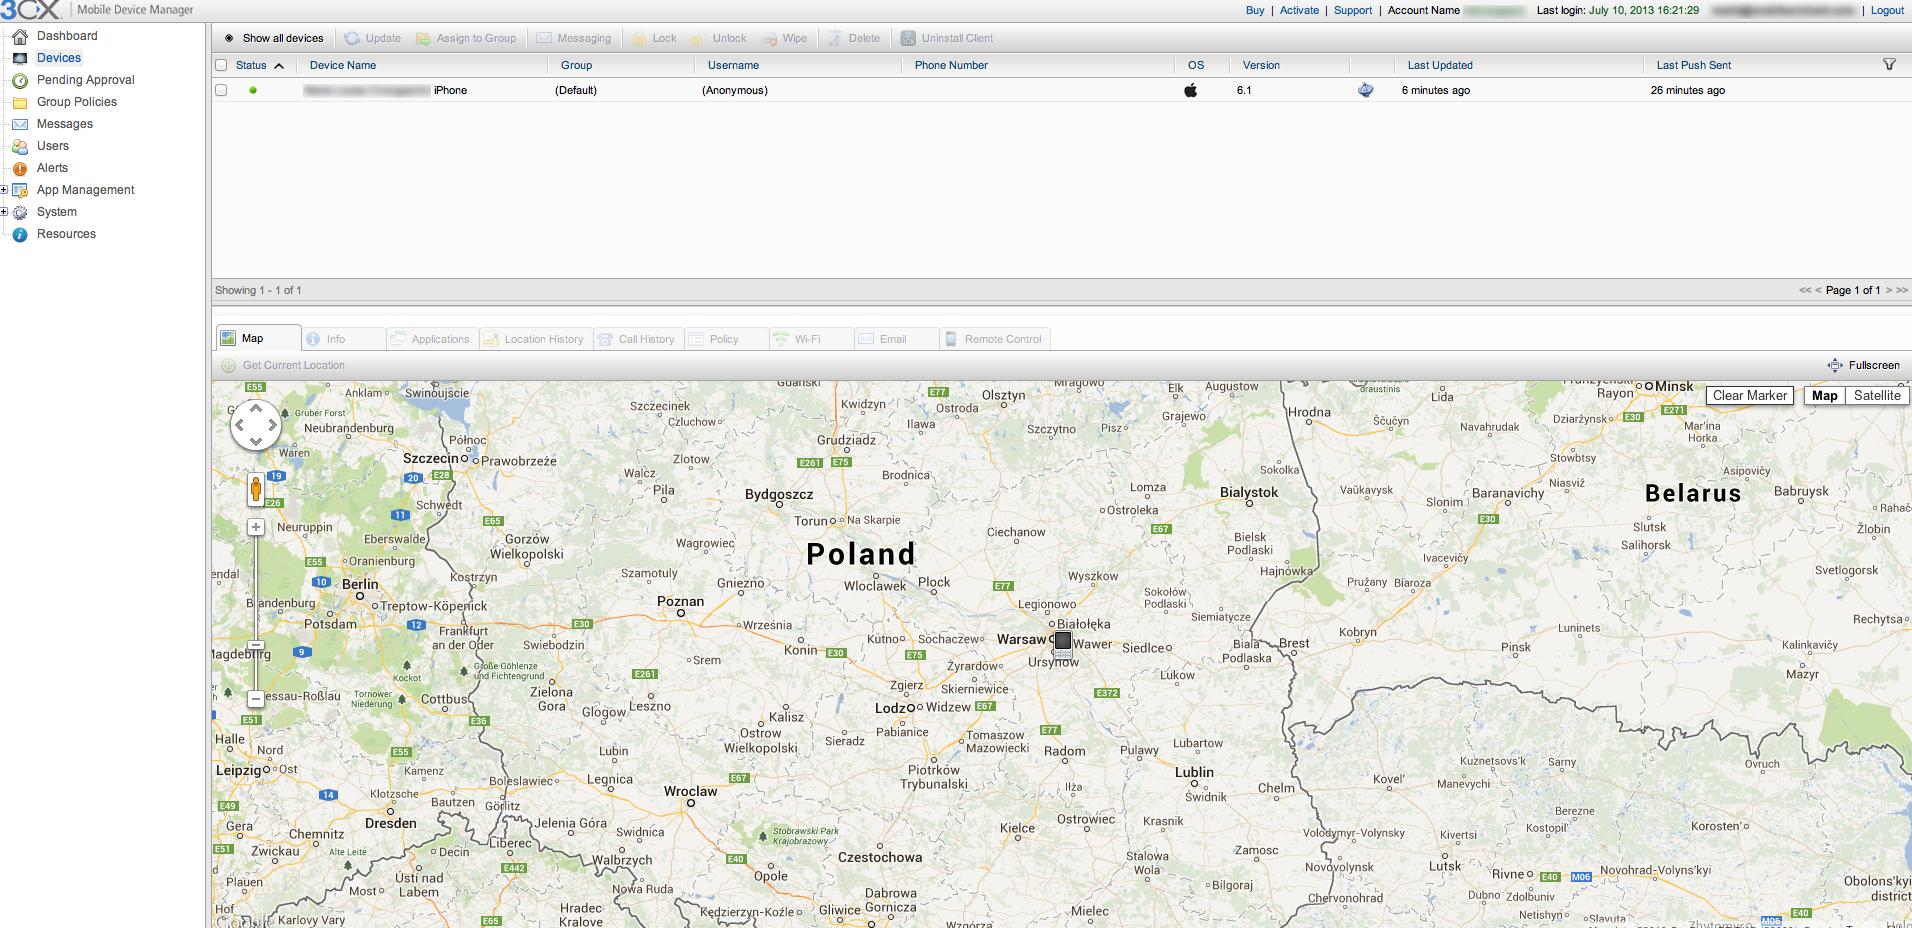 Screen Shot 2013-07-10 at 4.50.14 PM